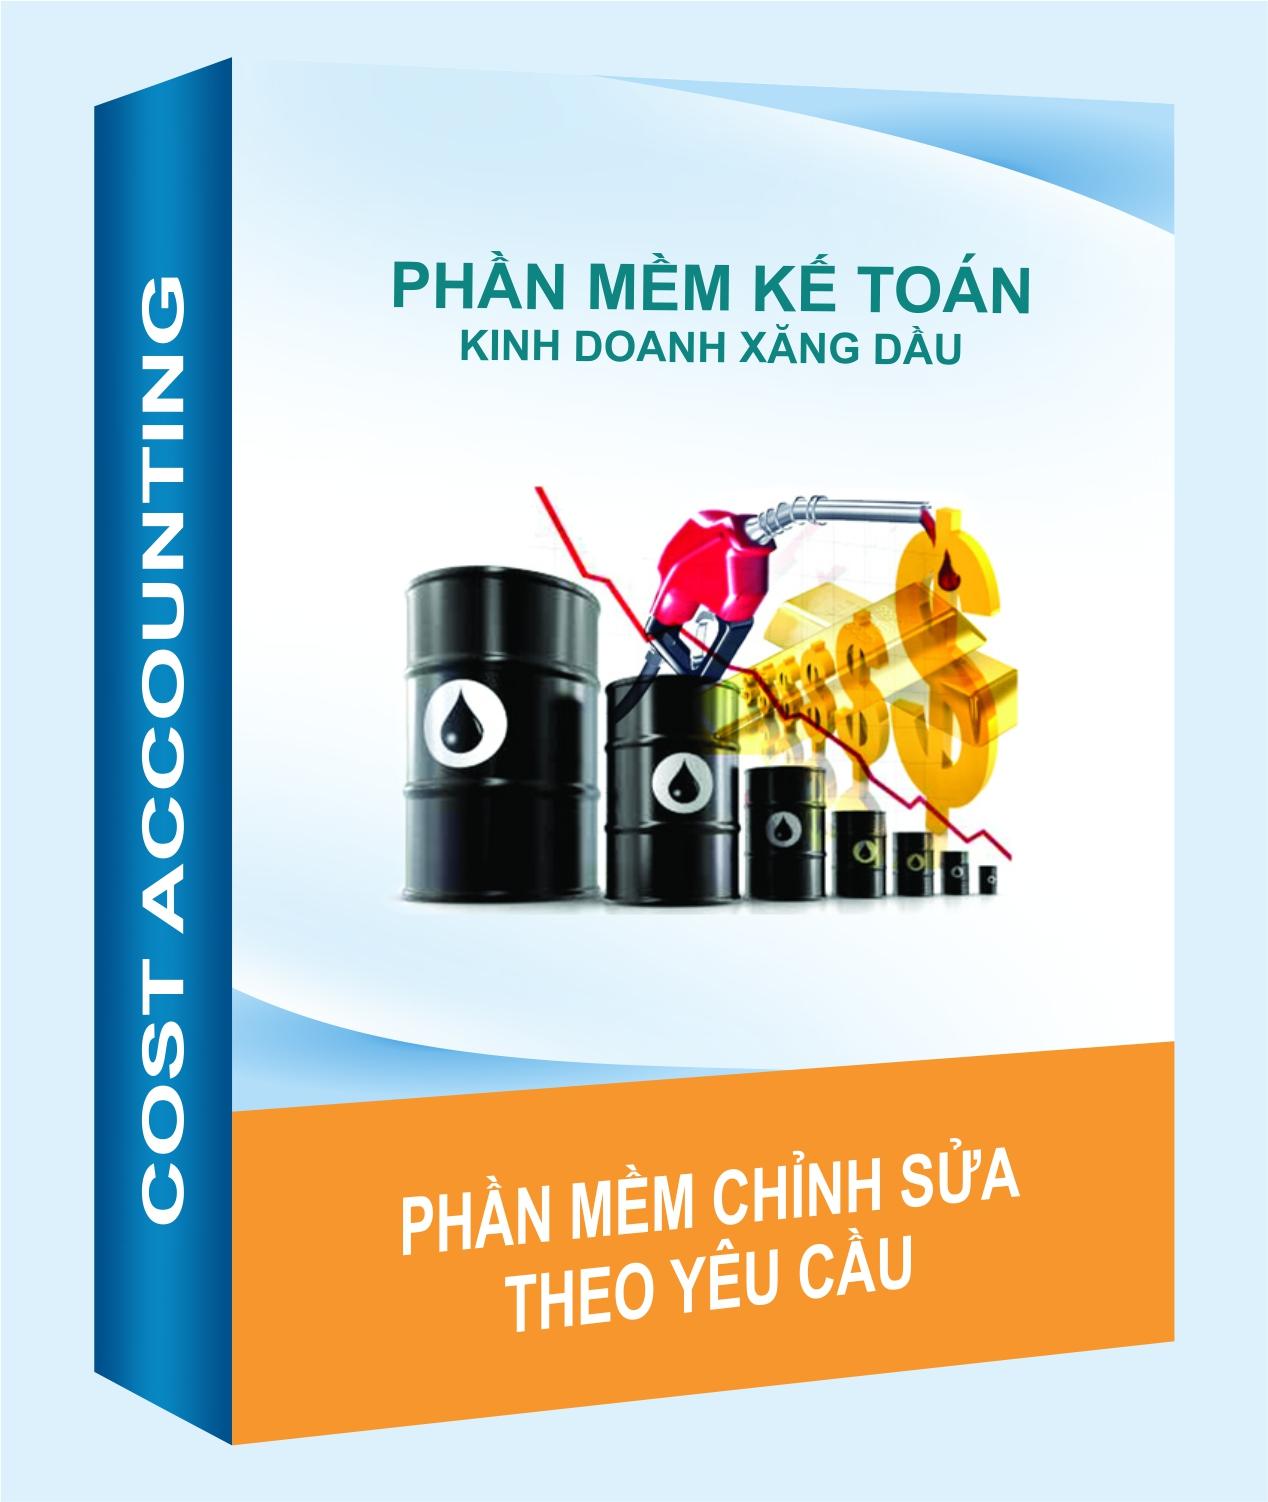 Phần mềm kế toán đơn vị kinh doanh xăng dầu